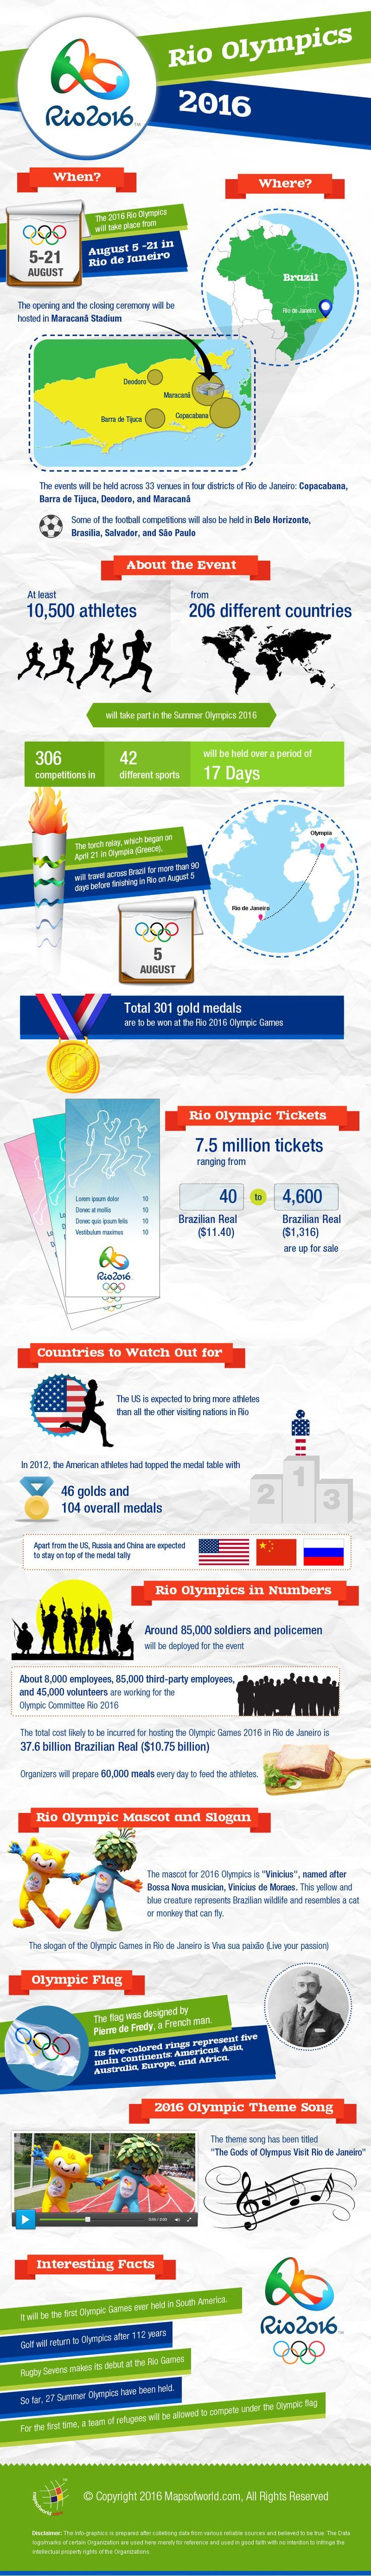 Rio 2016 Olympics Infographic